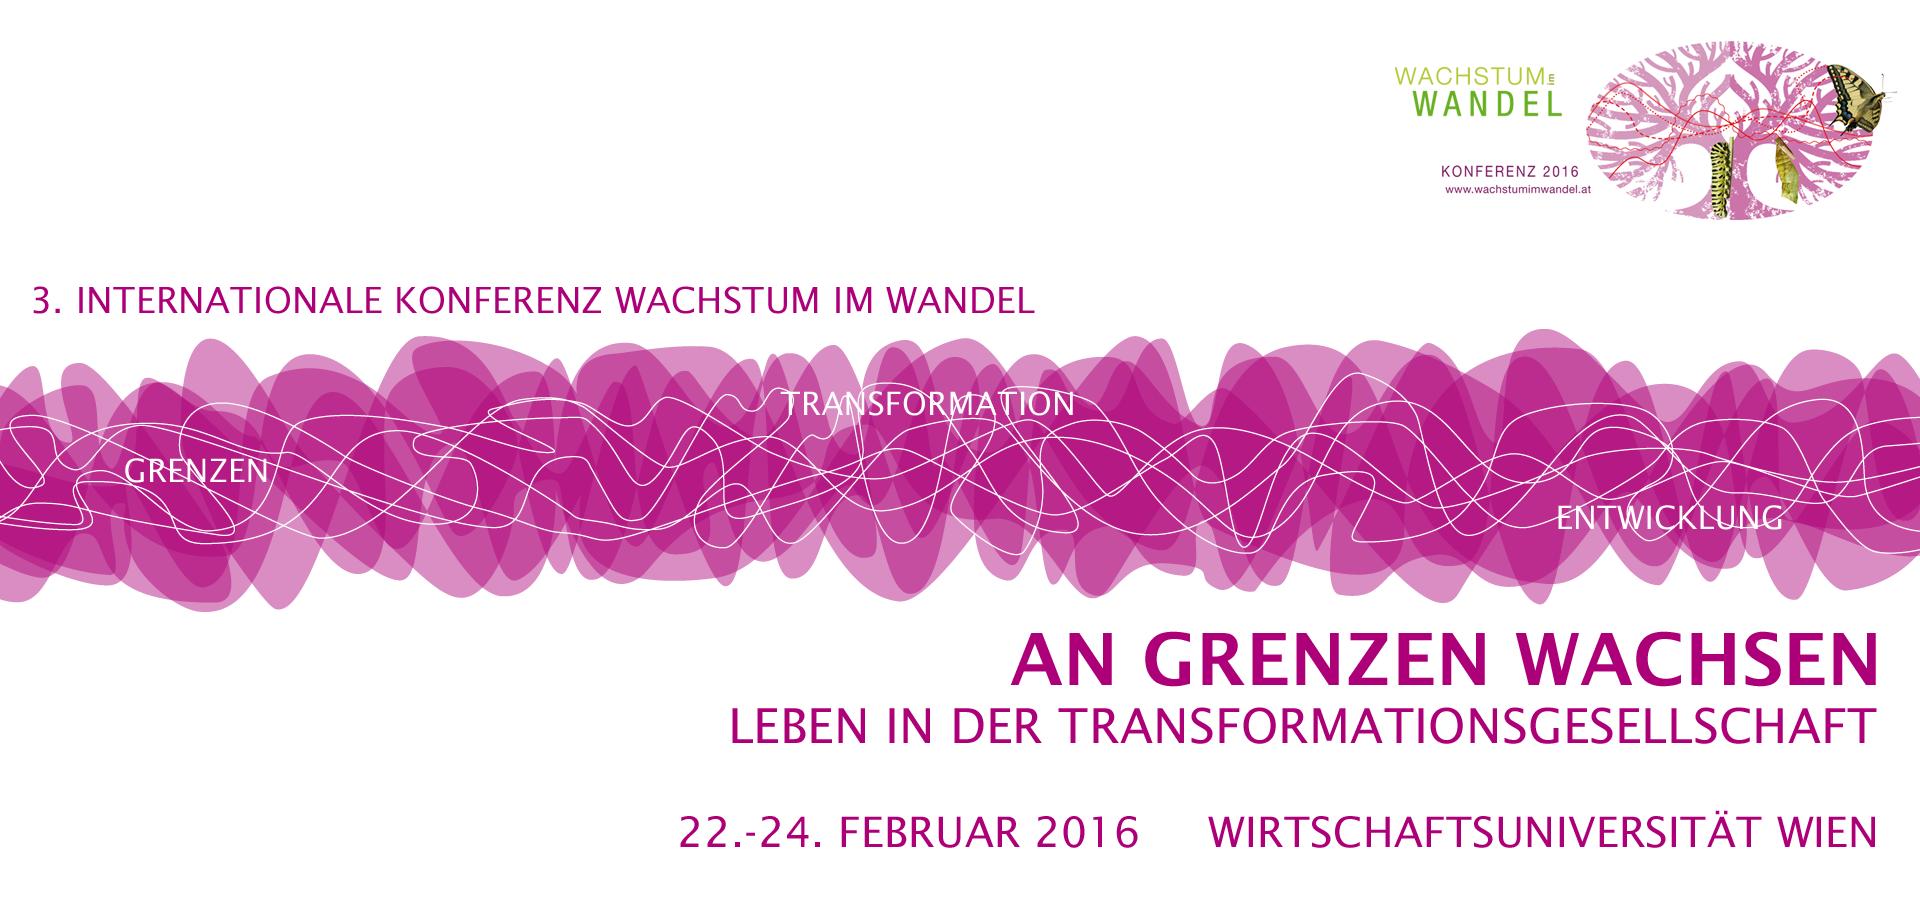 3. Internationale Konferenz Wachstum im Wandel: An Grenzen wachsen. Leben in der Transformationsgesellschaft. 22. - 24. Februar 2016, Wien